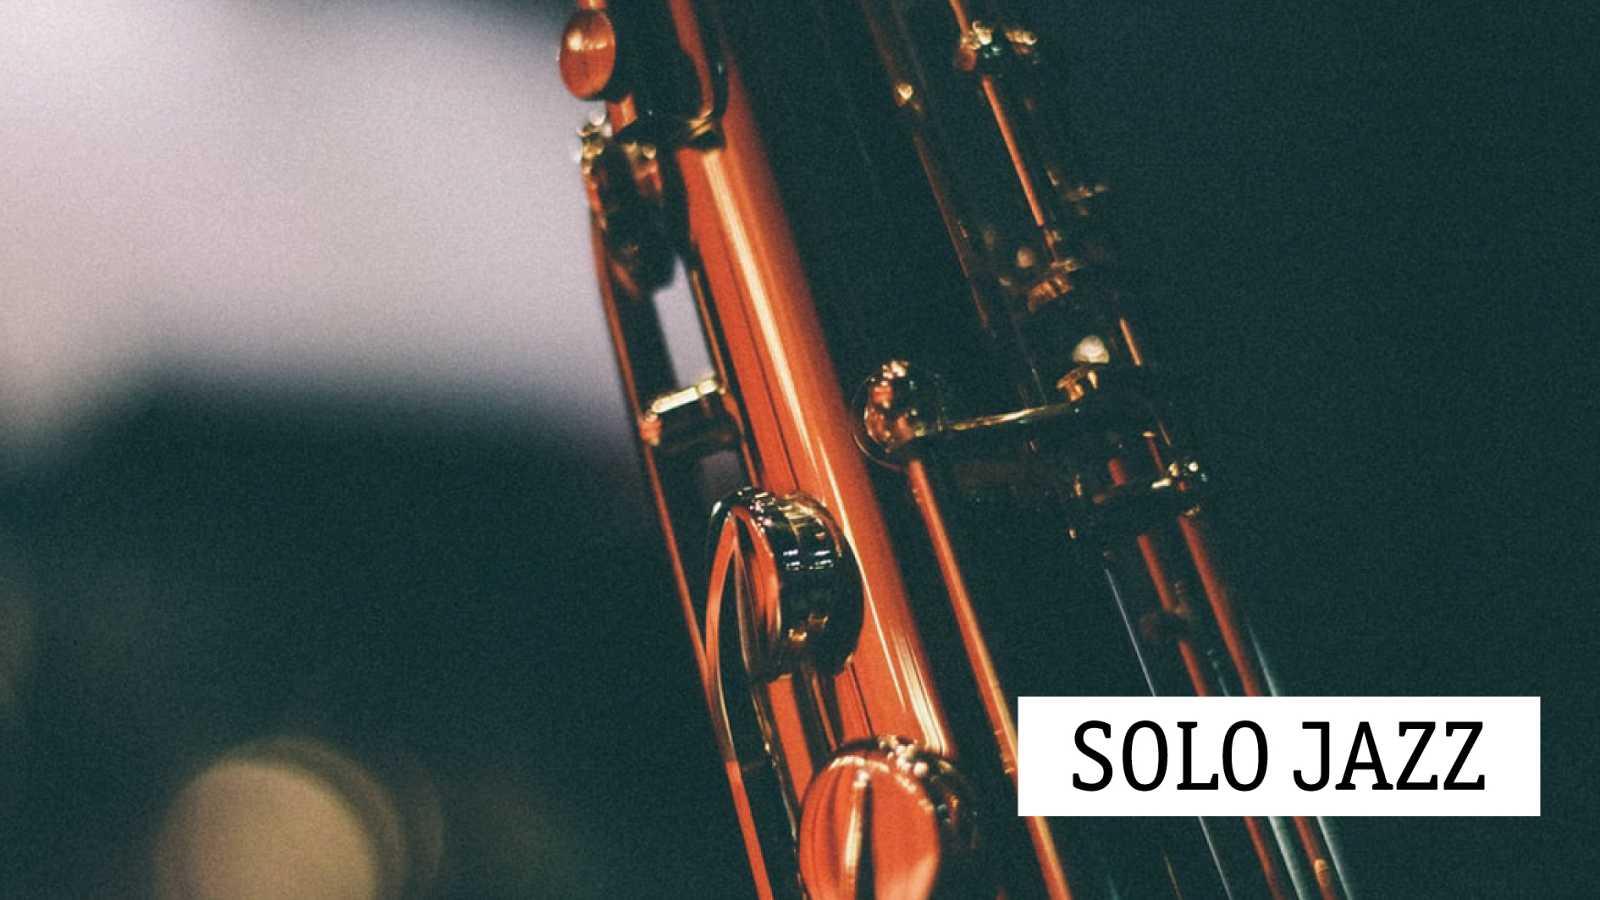 Solo jazz - Steve Coleman, eterna magnificación de la modernidad - 06/11/20 - escuchar ahora